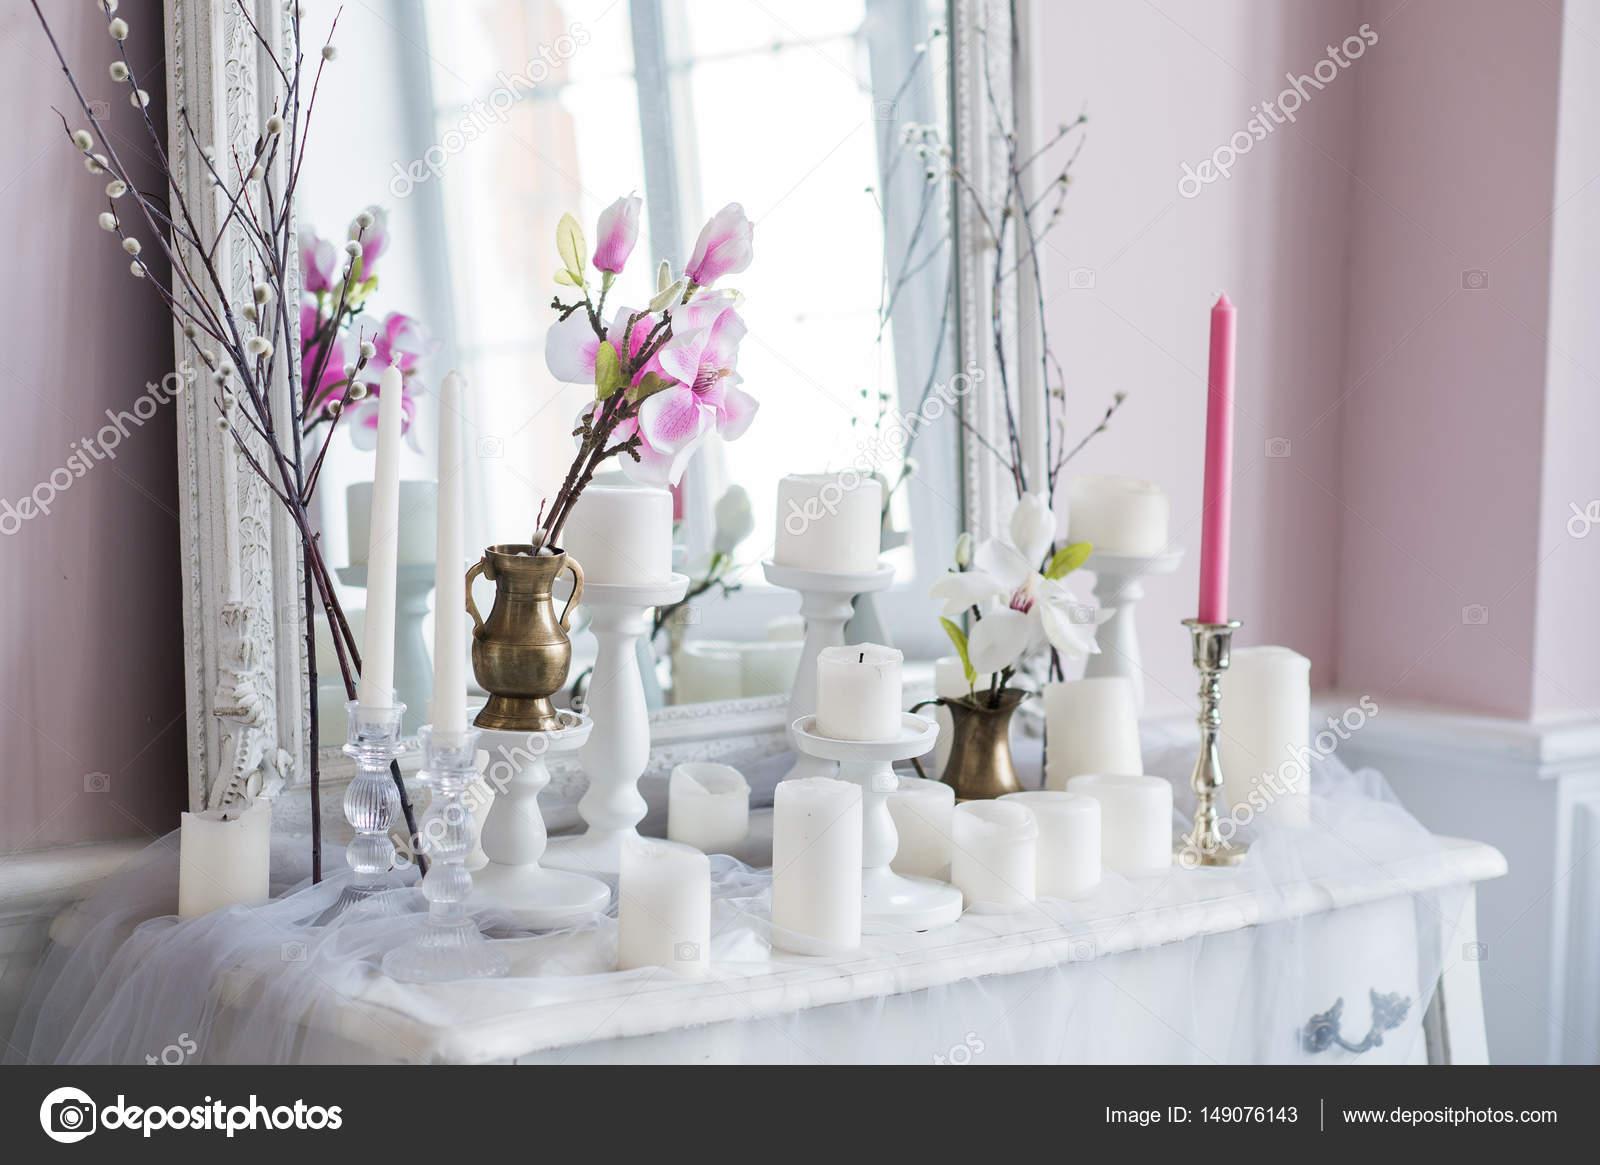 Shabby chic design per la casa bella decorazione tavolo con un